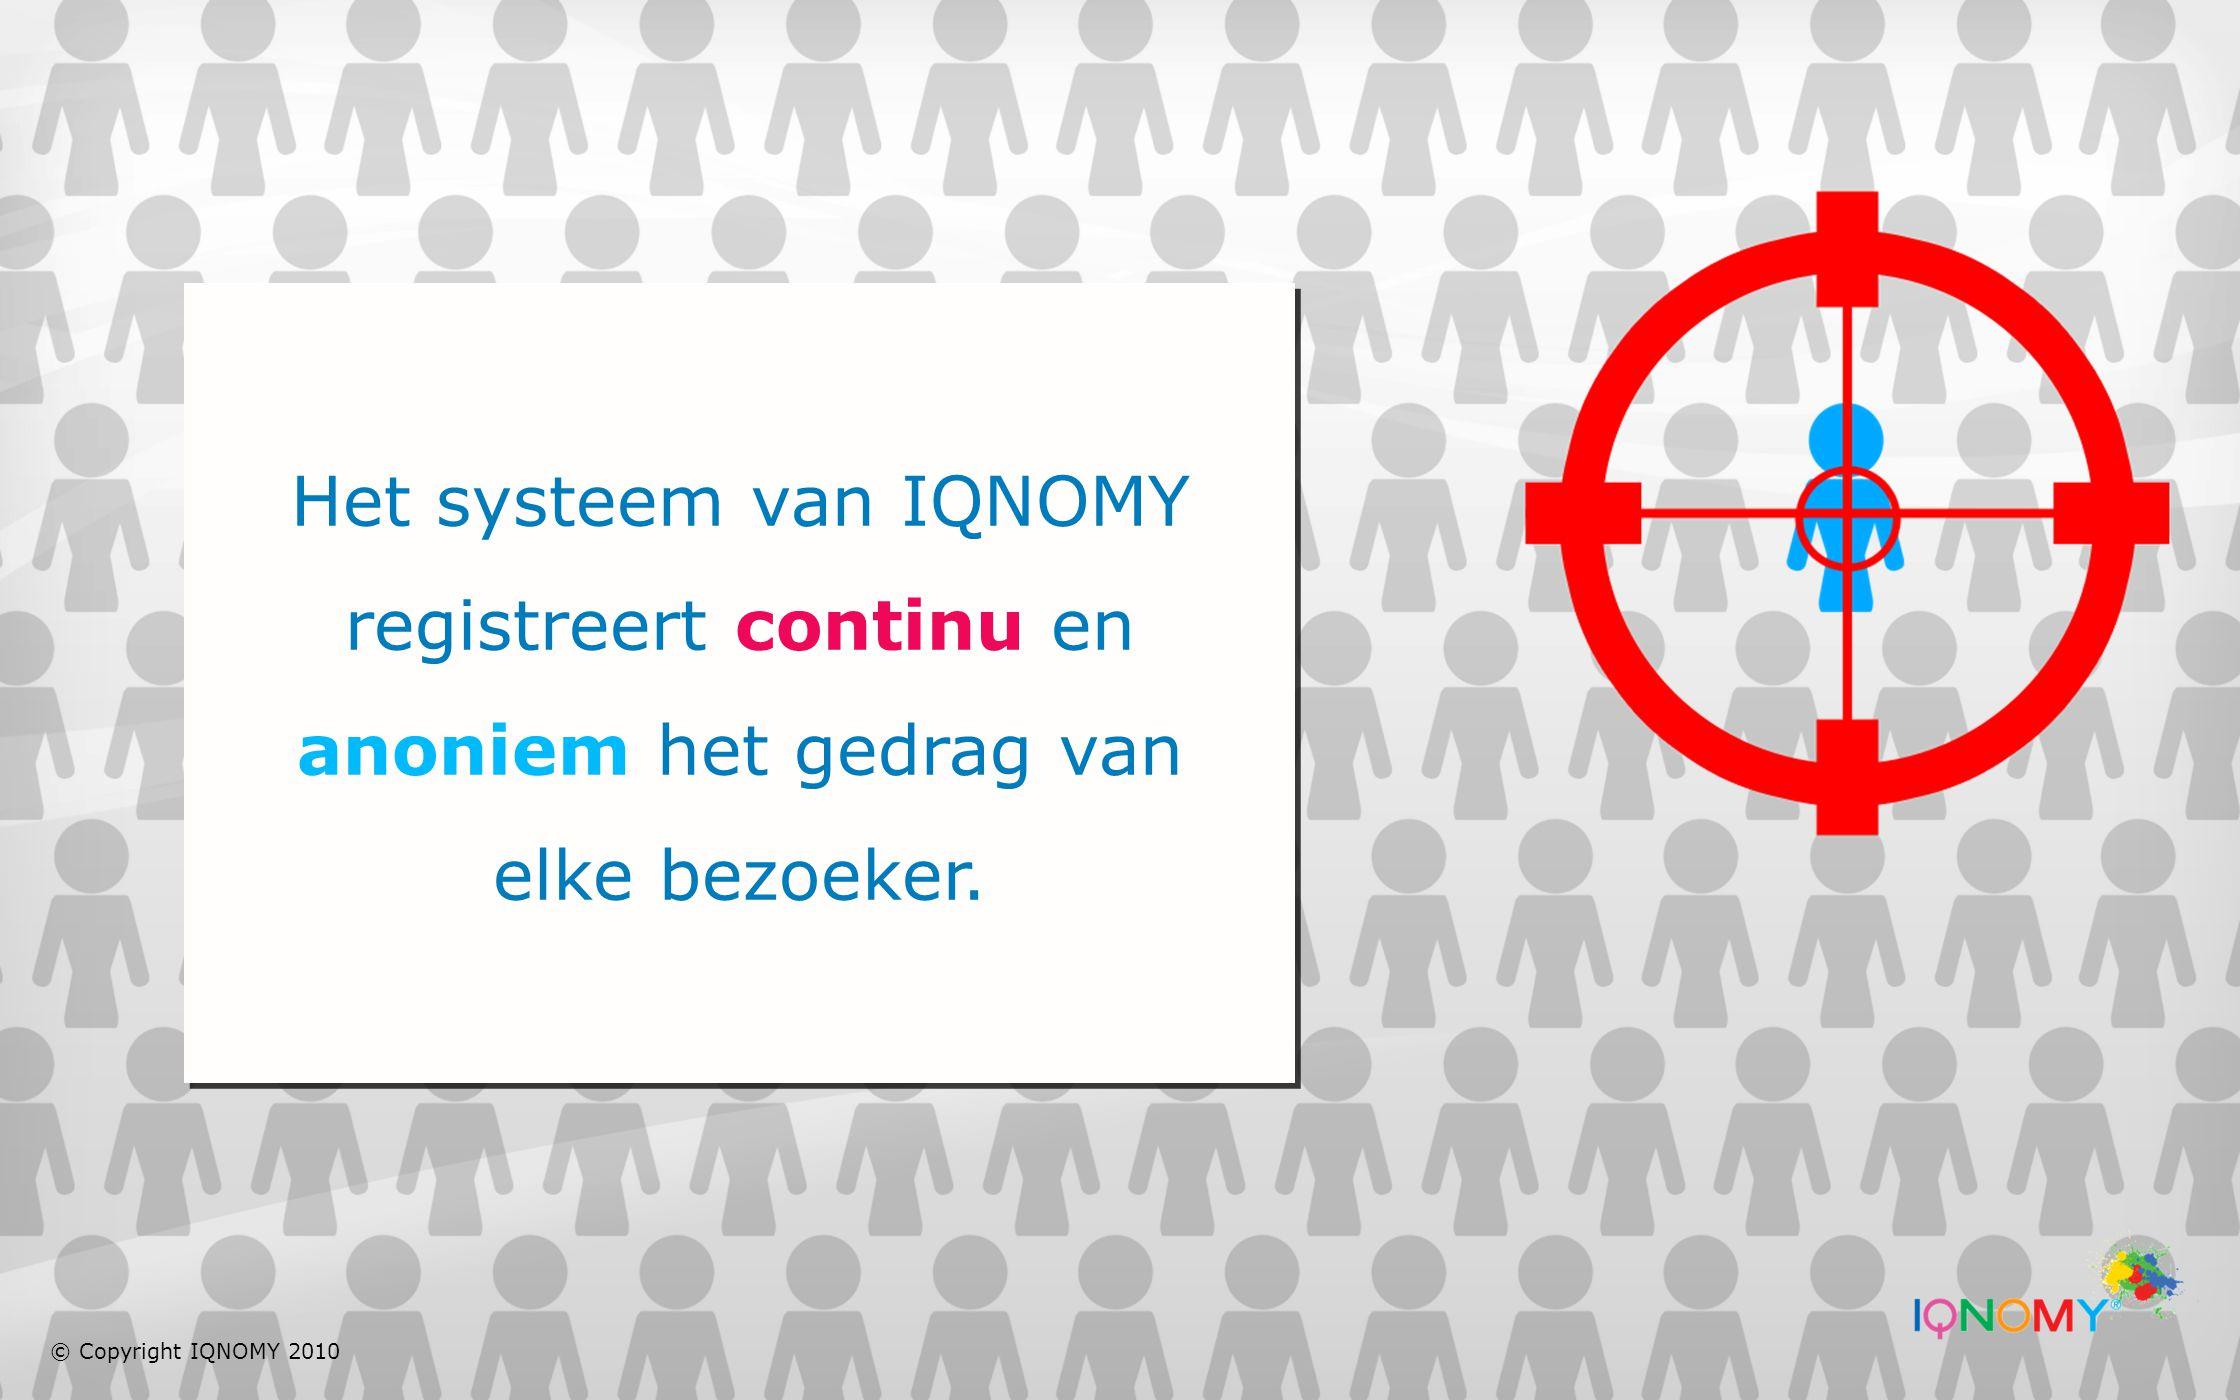 Op basis van de profielen die ontstaan, bepaalt IQNOMY welke relevante informatie in welke vorm en op welk moment gepresenteerd dient te worden.